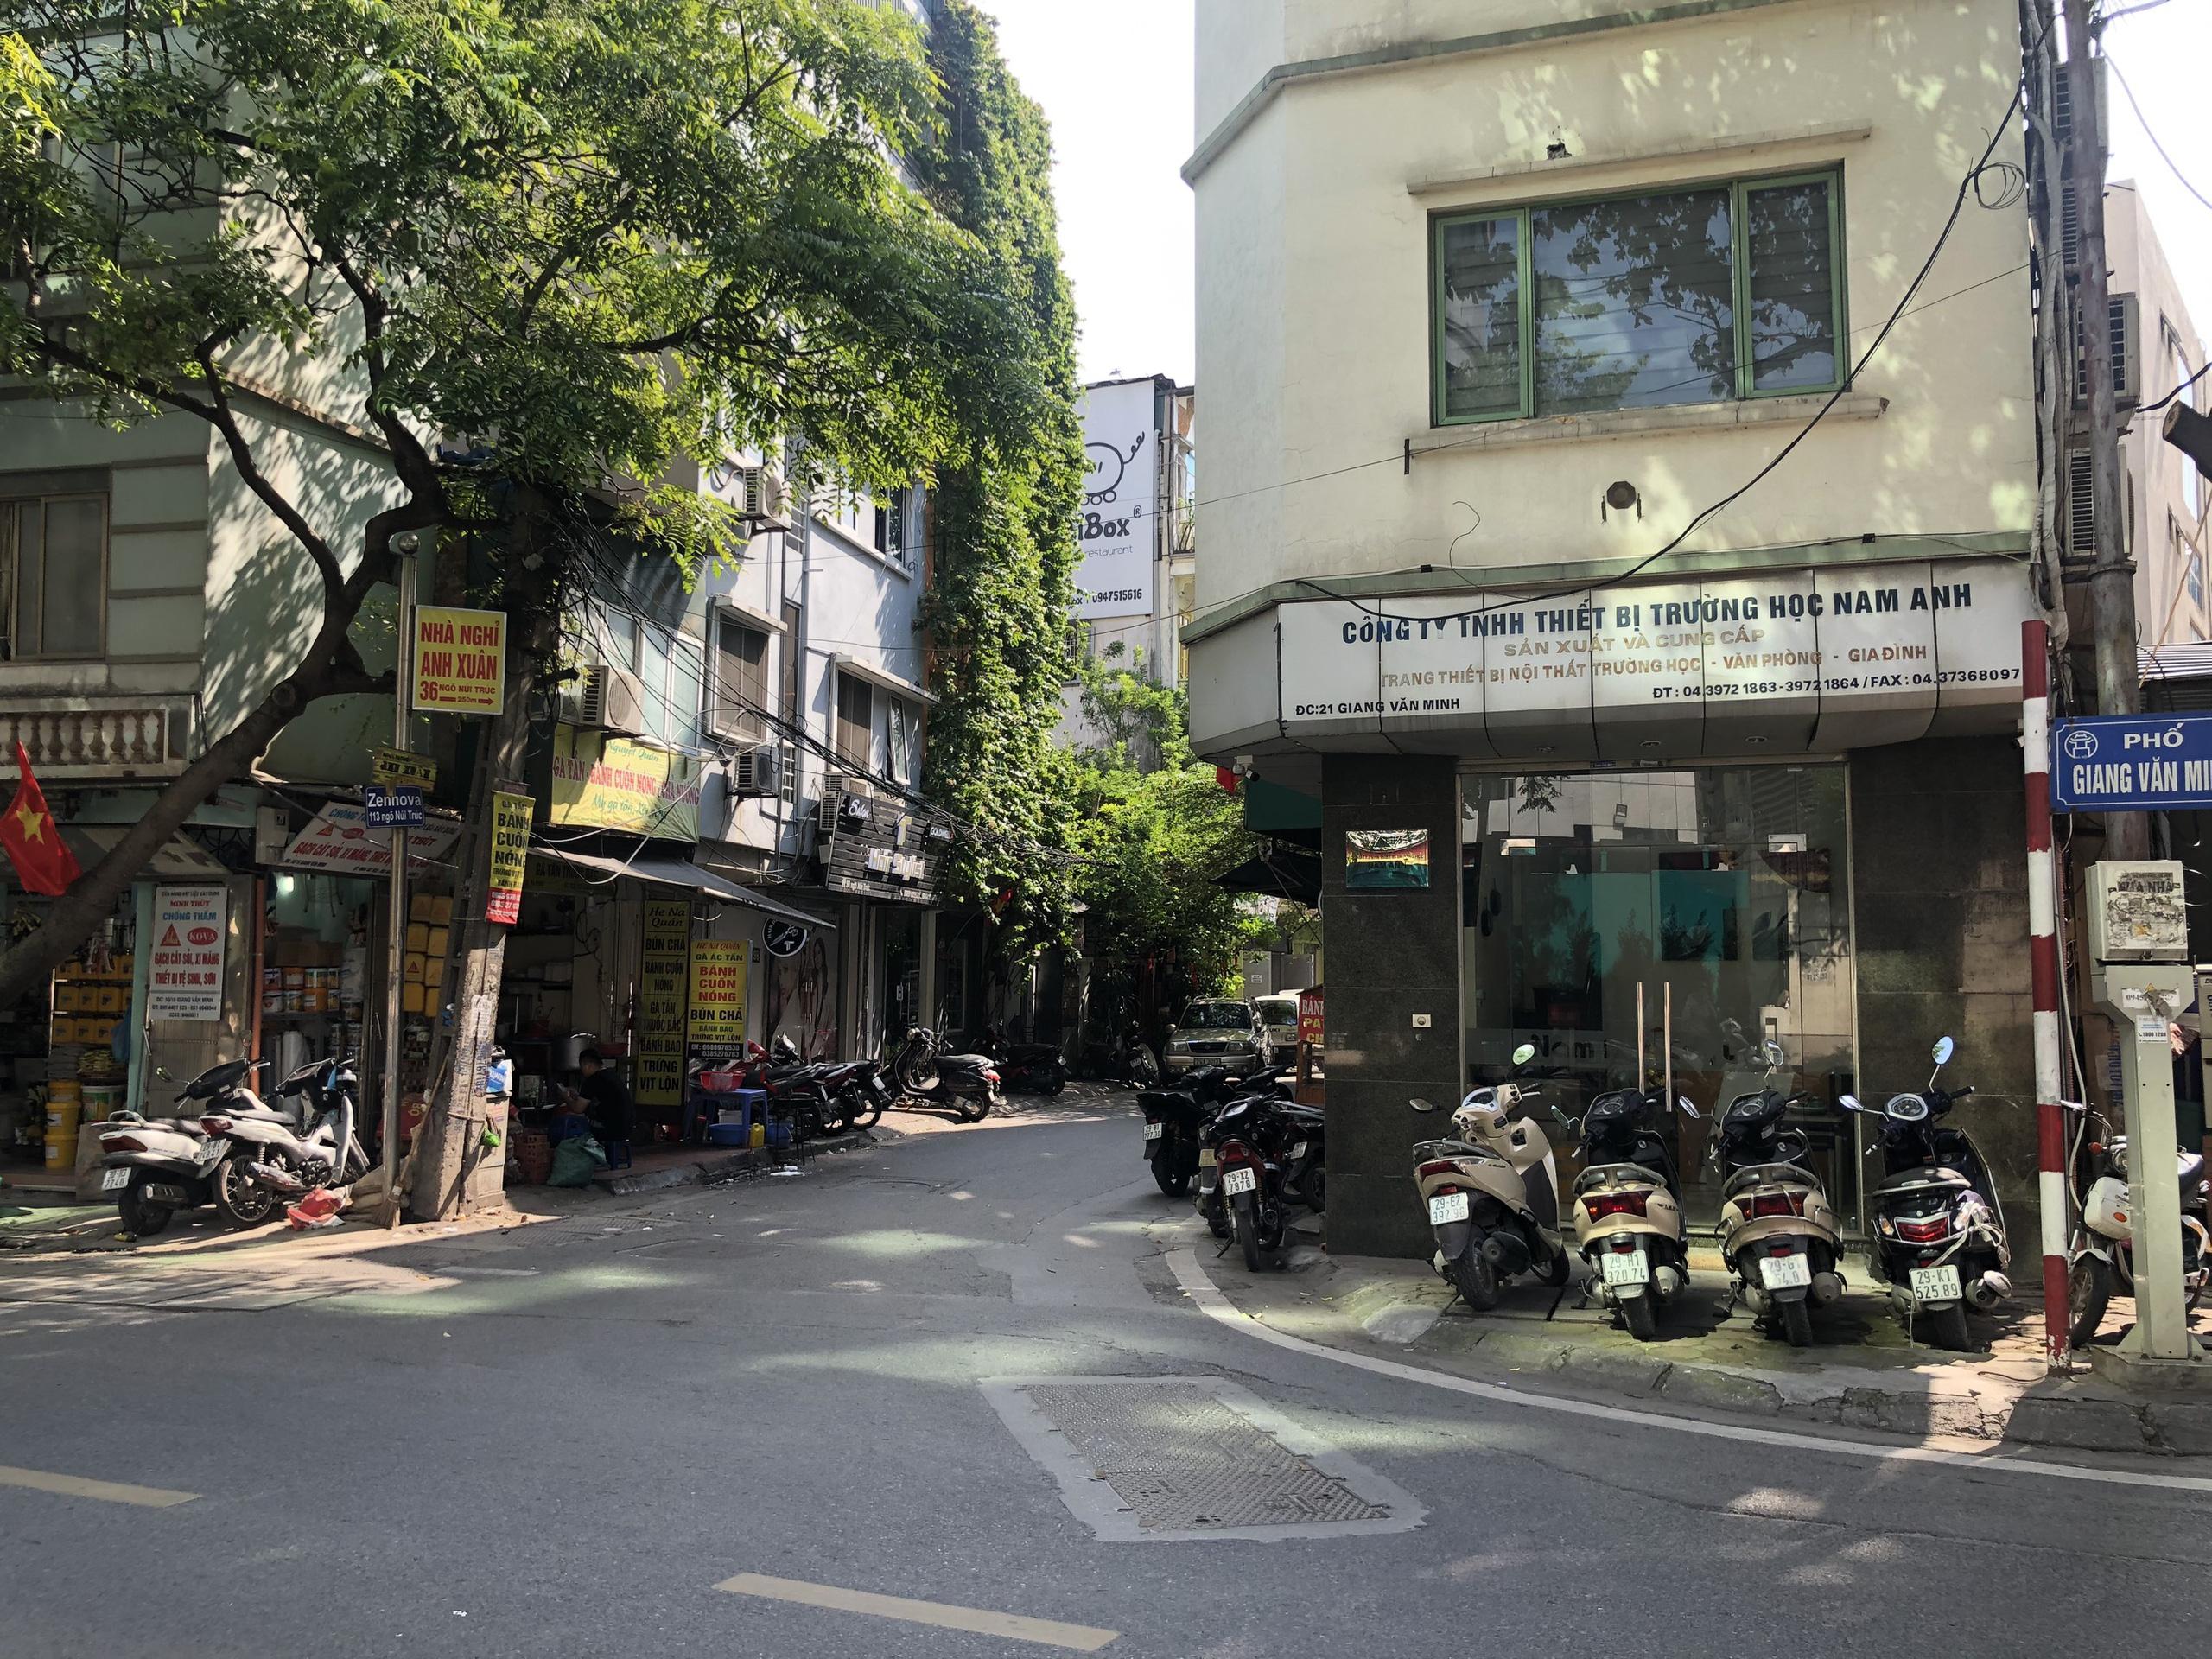 Những khu đất sắp thu hồi ở phường Kim Mã, Ba Đình (phần 3): Đường nối từ Núi Trúc đến Kim Mã và Giang Văn Minh - Ảnh 11.